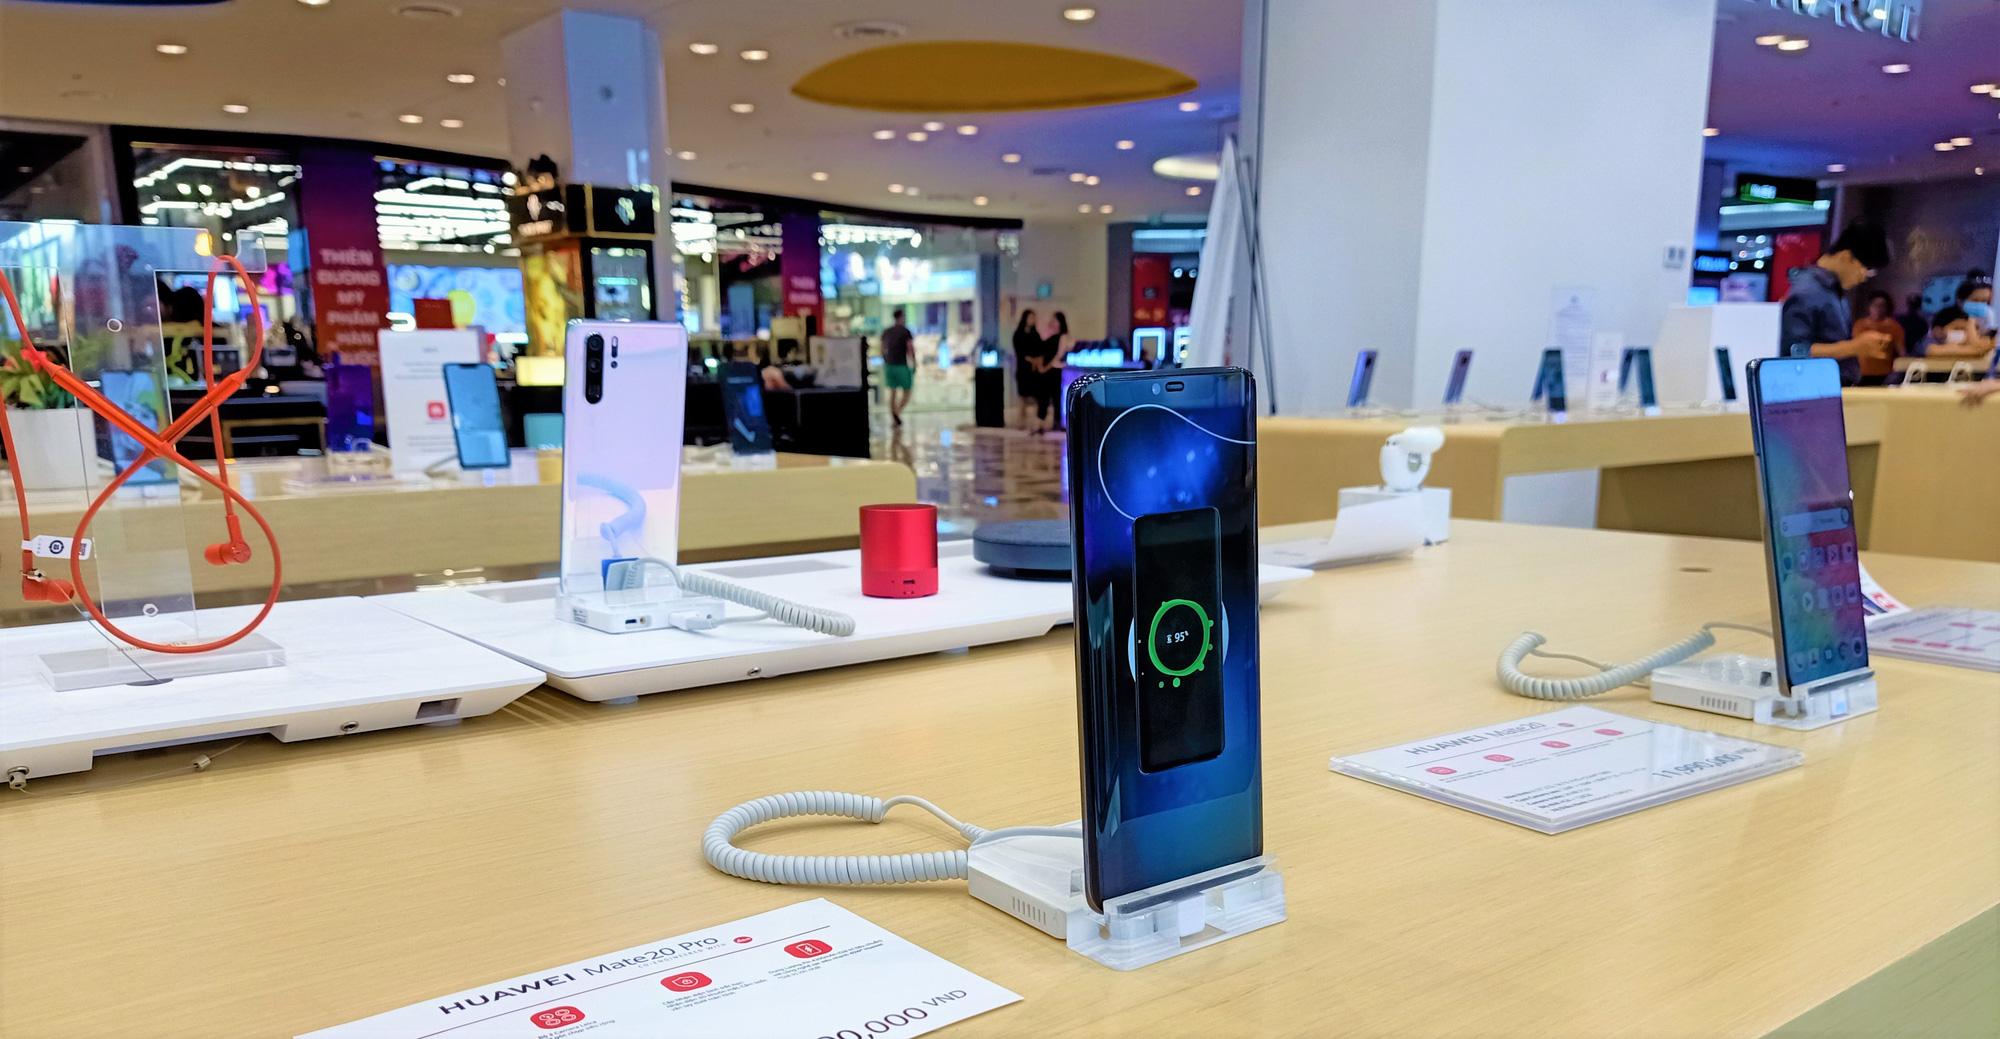 Điện thoại giảm giá tuần này: iPhone xách tay có giá mềm hơn - Ảnh 2.